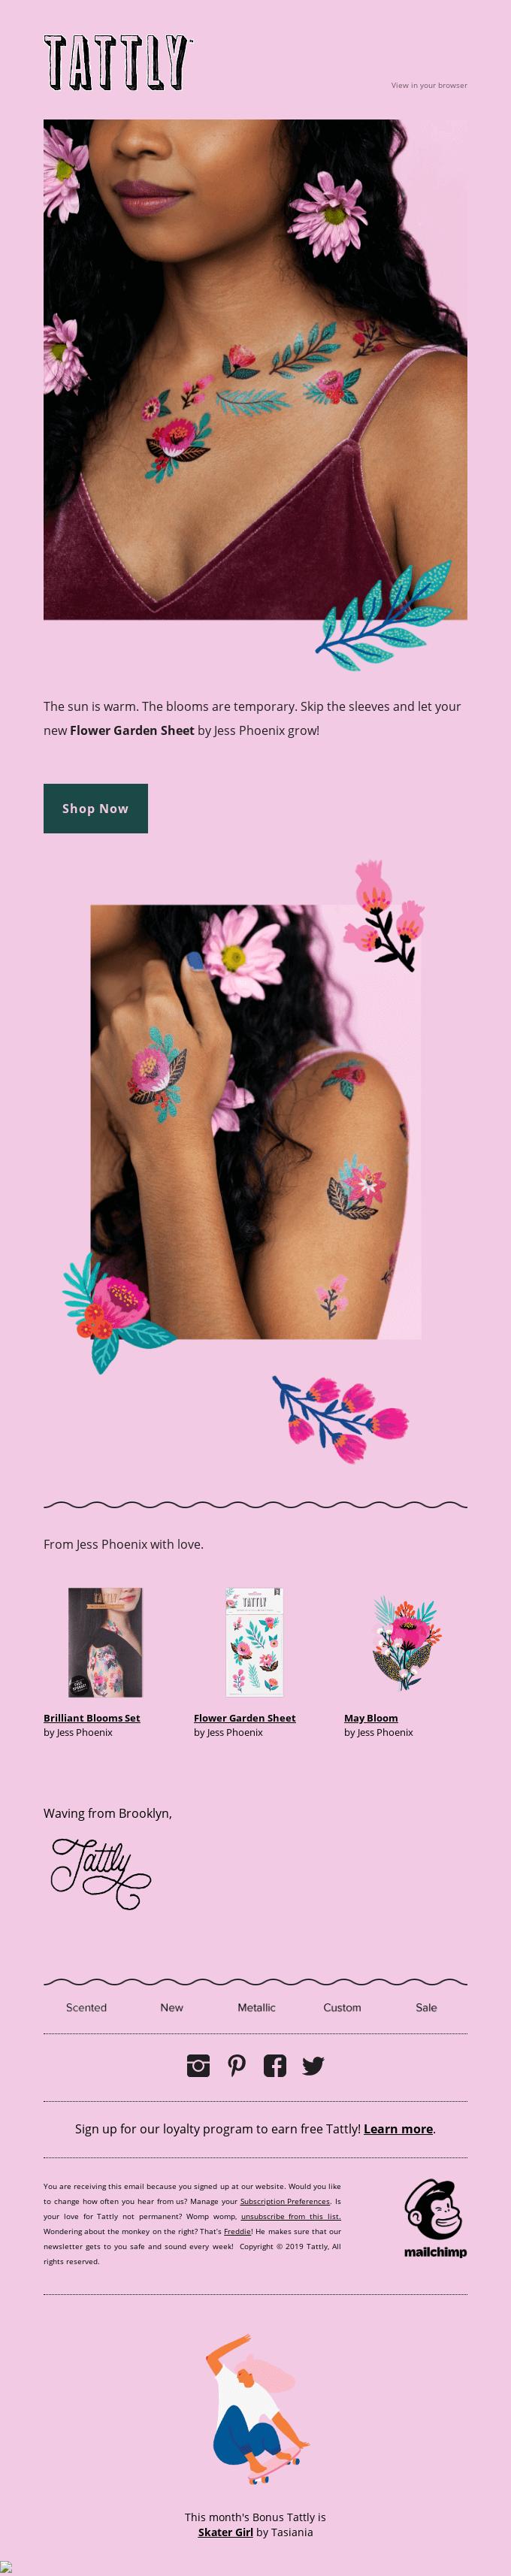 Introducing the Flower Garden Sheet